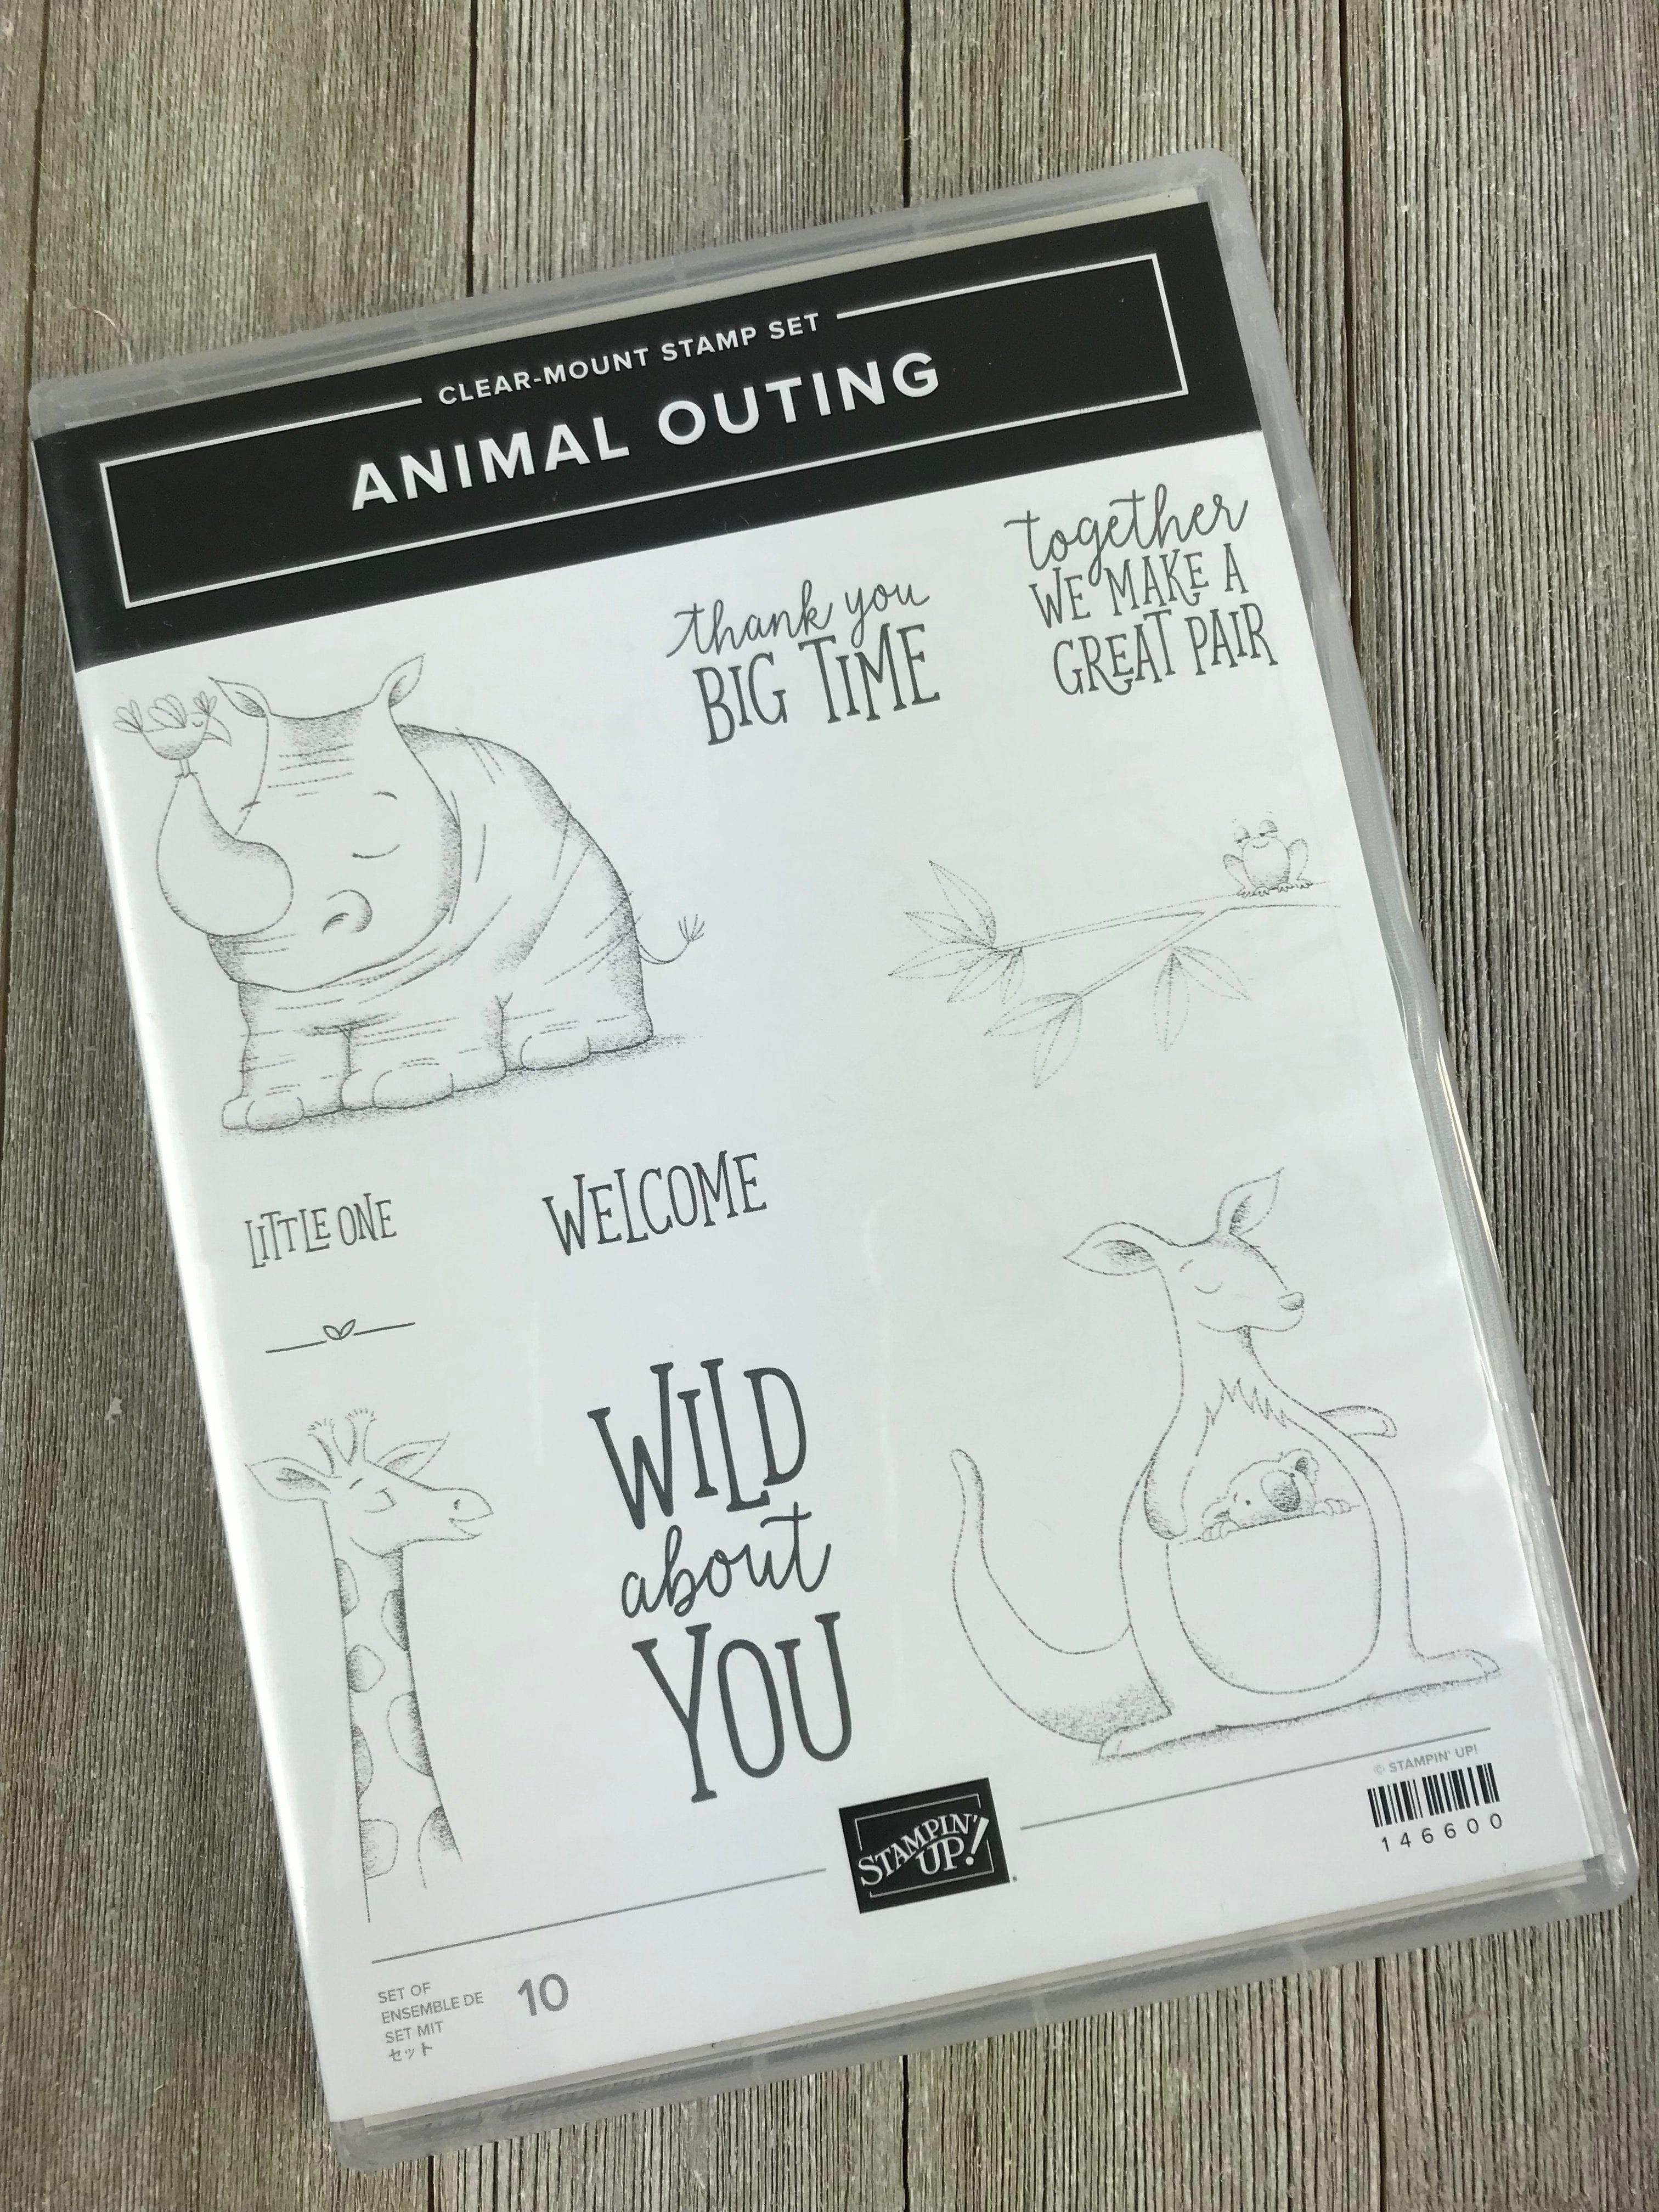 Alaska Bound – Day 7 – Stampin' Up! Animal Outing Stamp Set